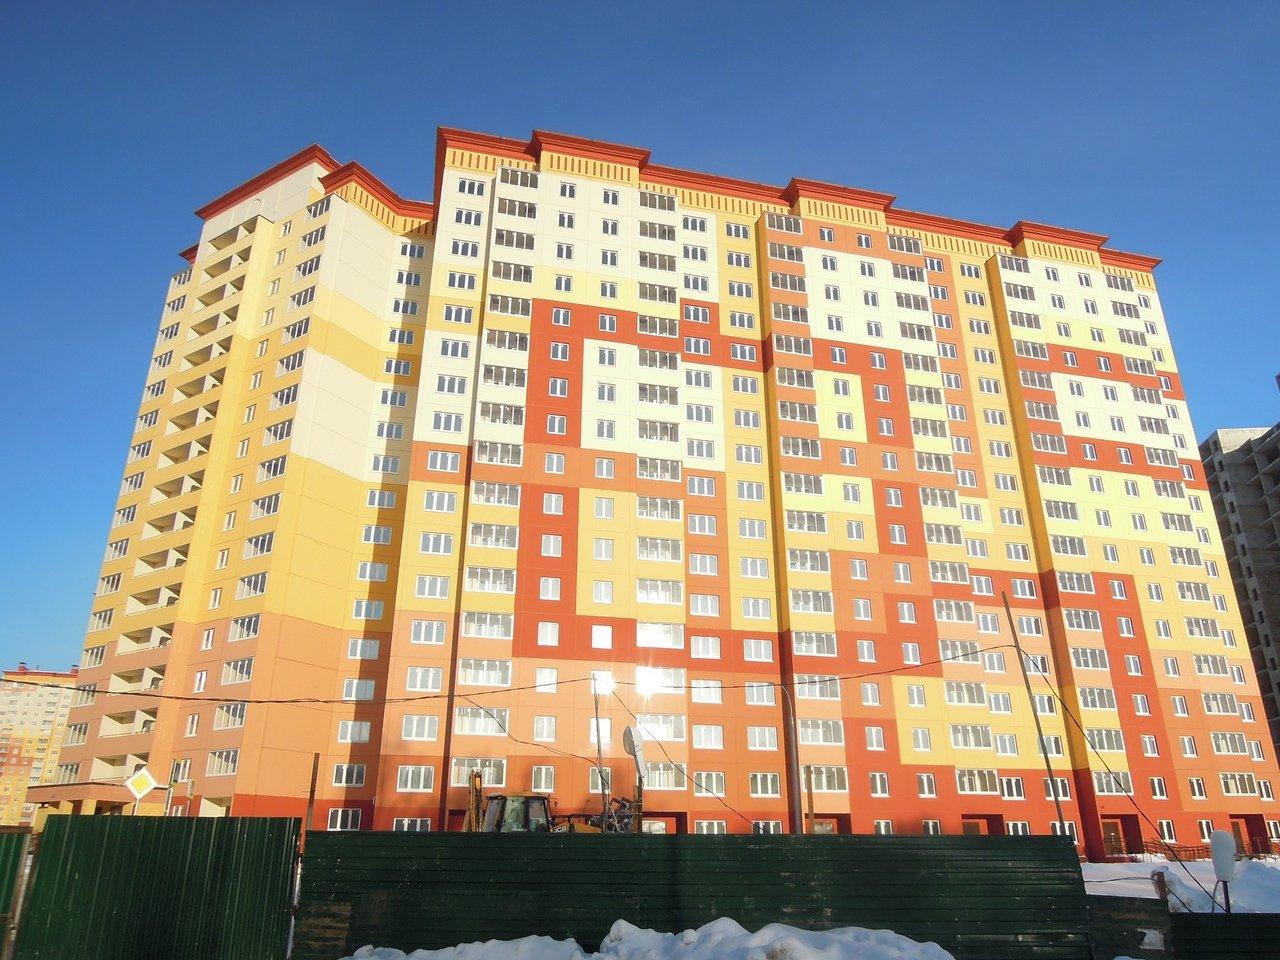 Хотите купить квартиру в Московской области в ипотеку? Обратитесь к нашим партнерам